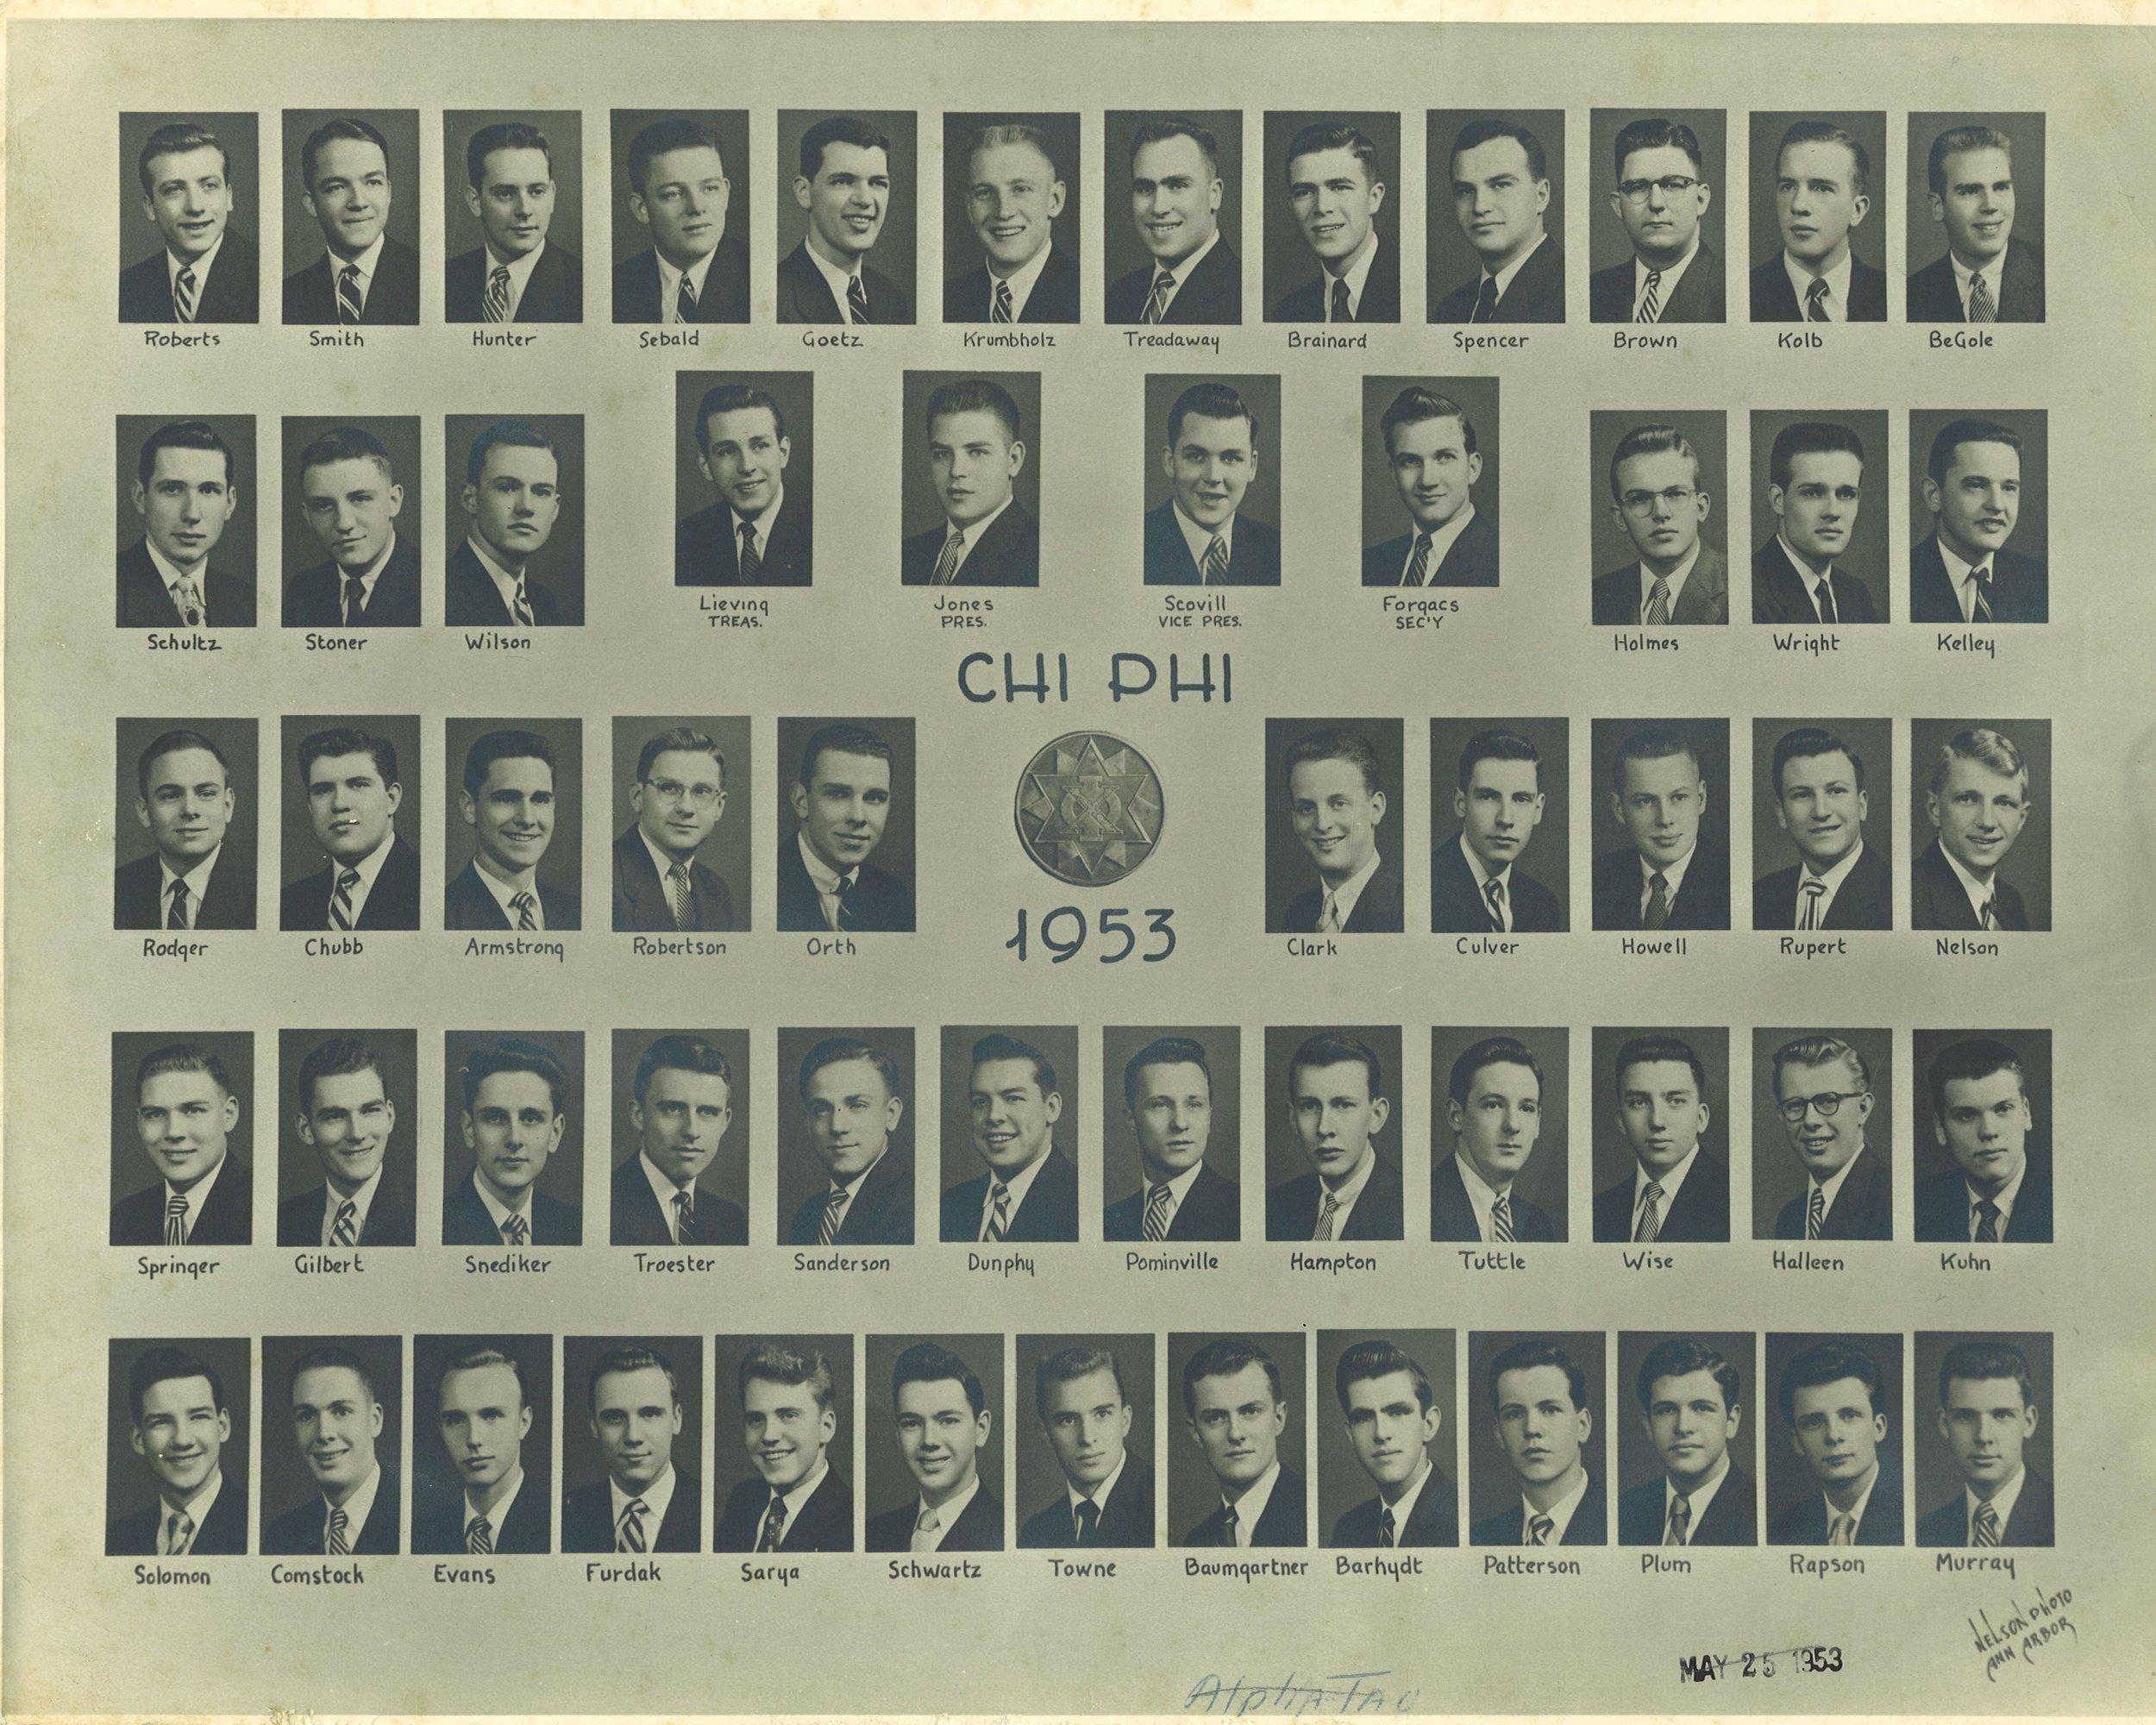 Alpha-Tau1953-enh.jpg